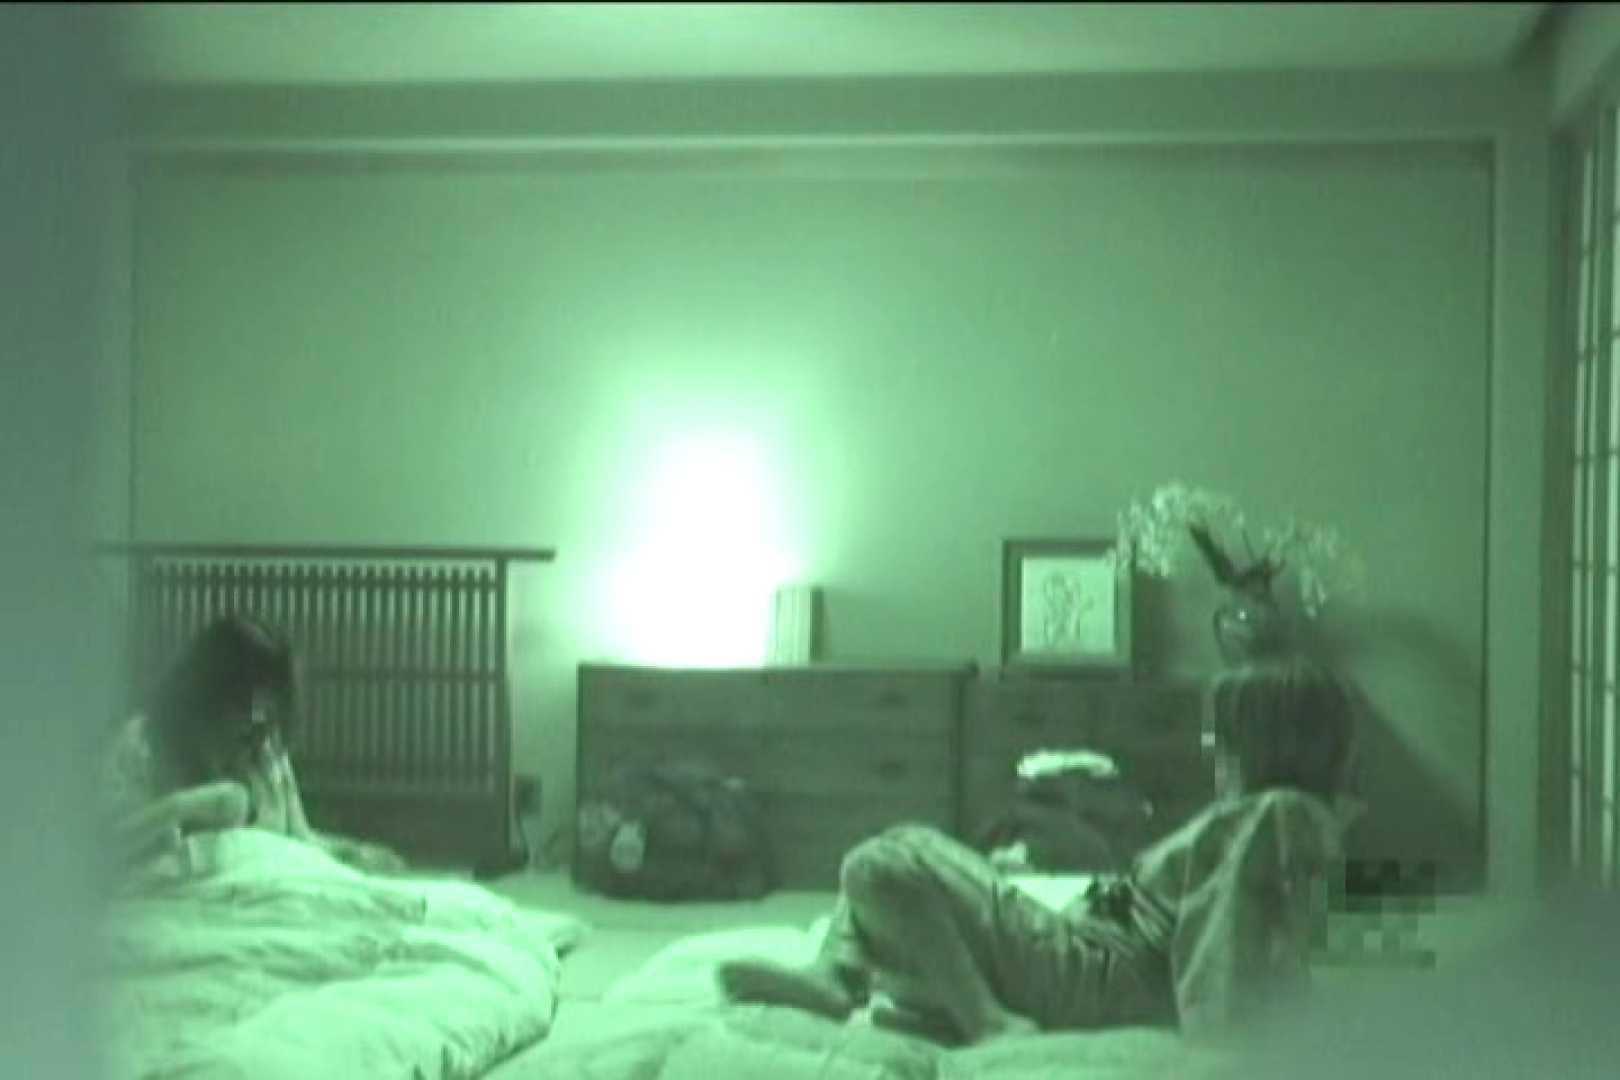 暗躍する夜這い師達Vol.6 OLセックス 覗きスケベ動画紹介 100画像 62